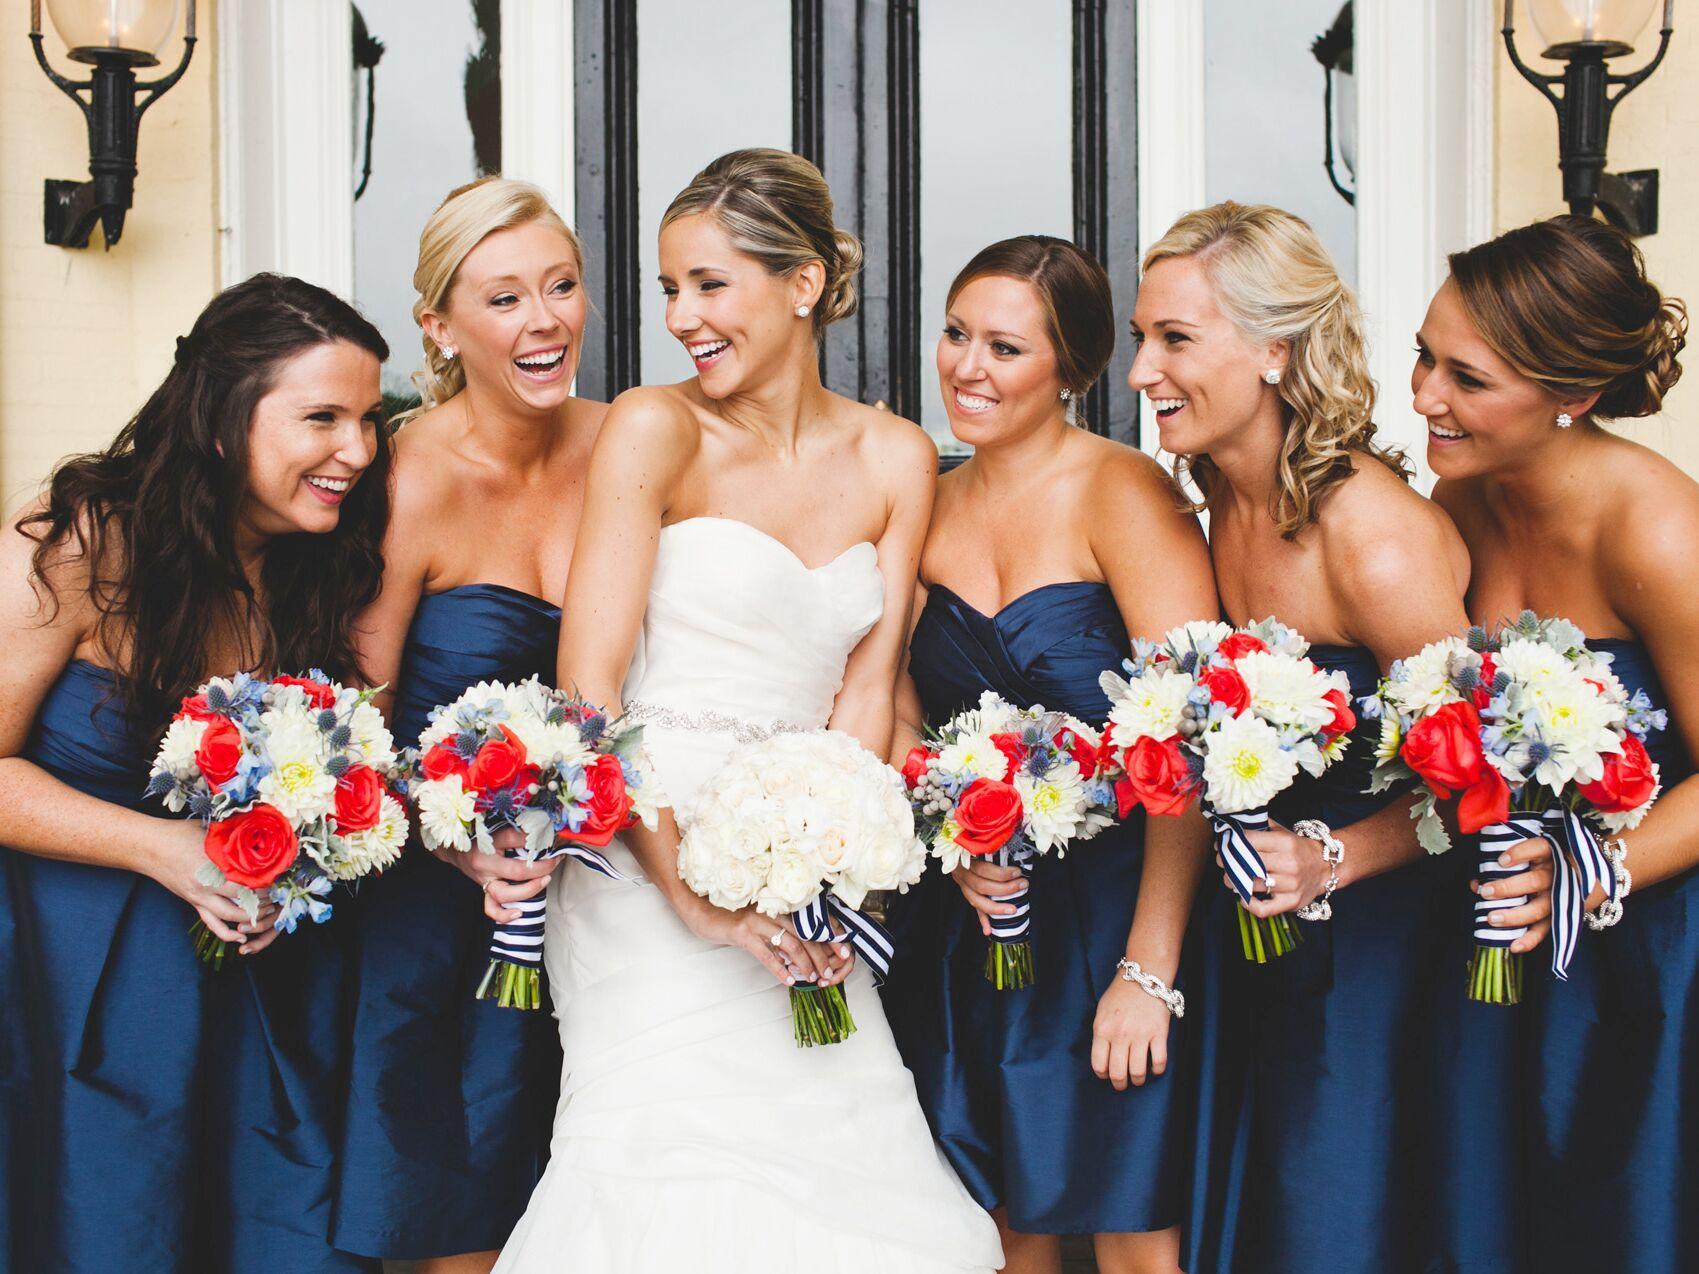 20 Fun Fourth of July Wedding Ideas